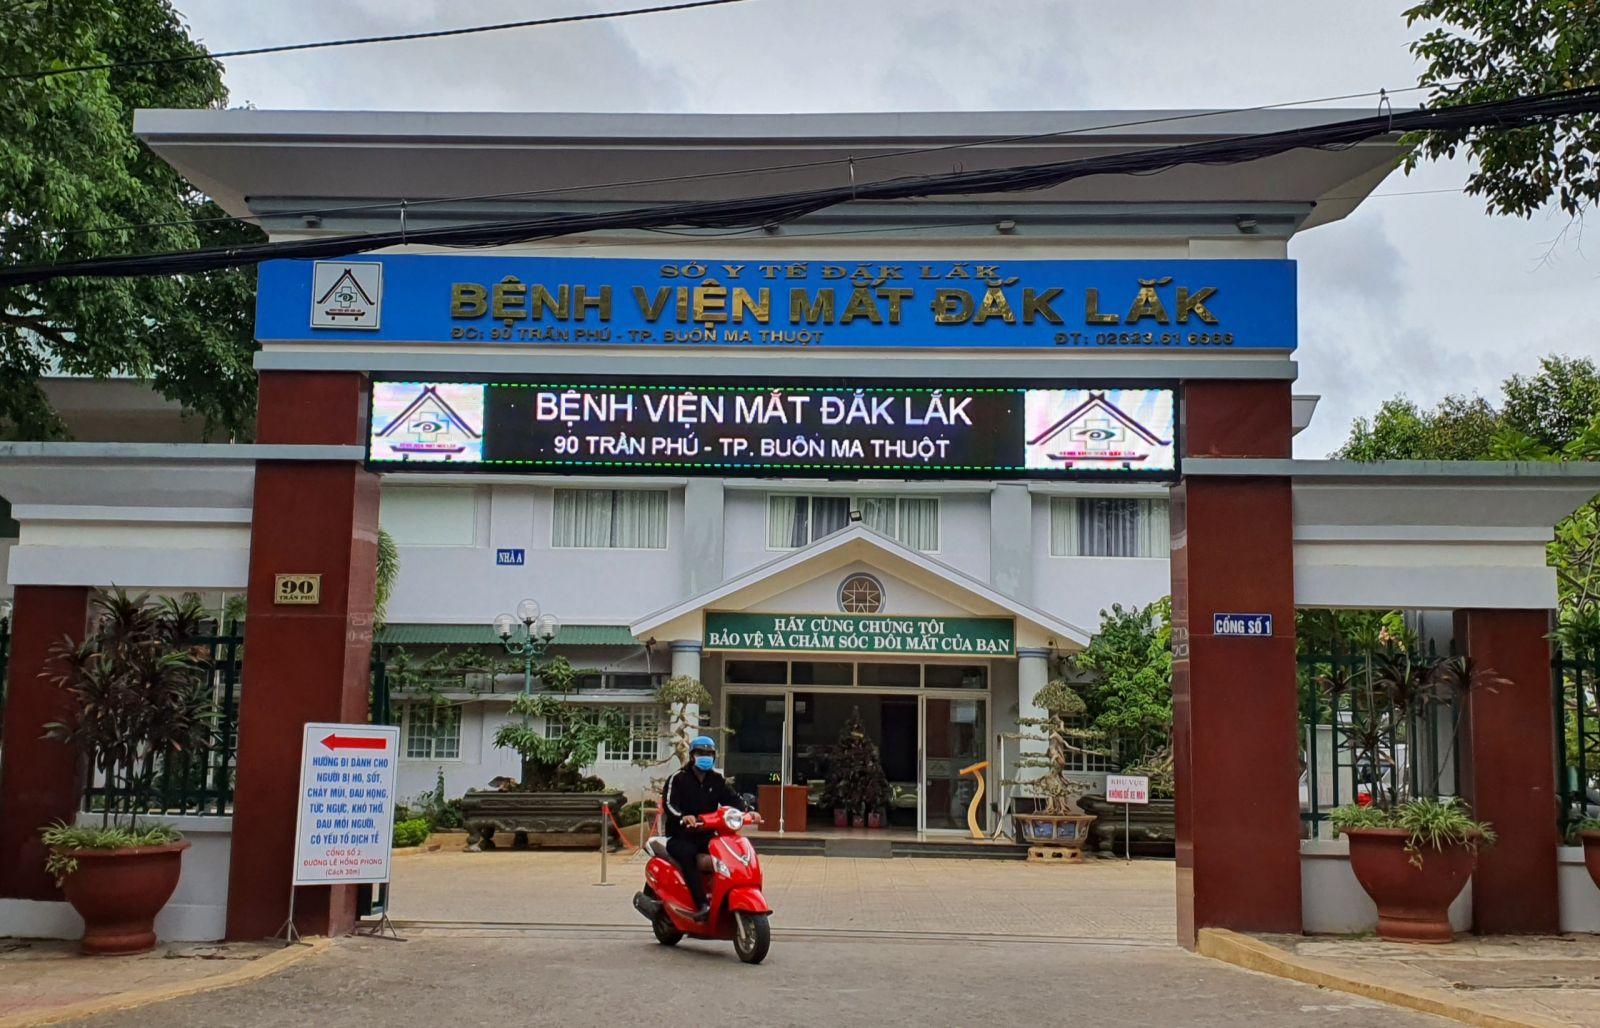 - Bệnh viện Mắt tỉnh Đắk Lắk tại 90 Trần Phú, phường thành công, tp Buôn Ma Thuột là địa chỉ đáng tin cậy cho người bệnh về mắt đến khám và điều trị.